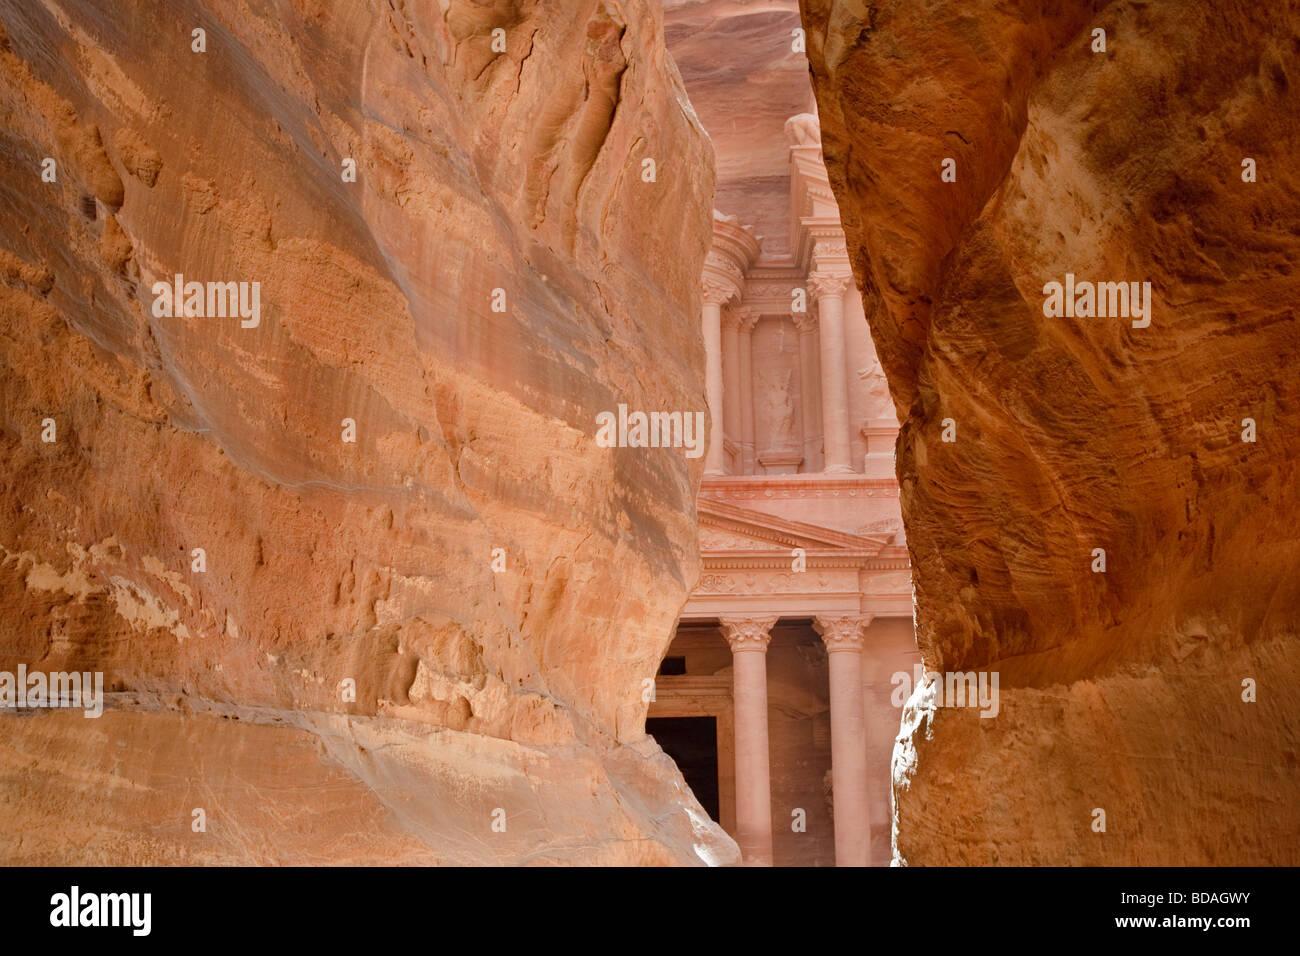 Die Schatzkammer betrachtet her, die die Siq, Petra, Jordanien Stockbild